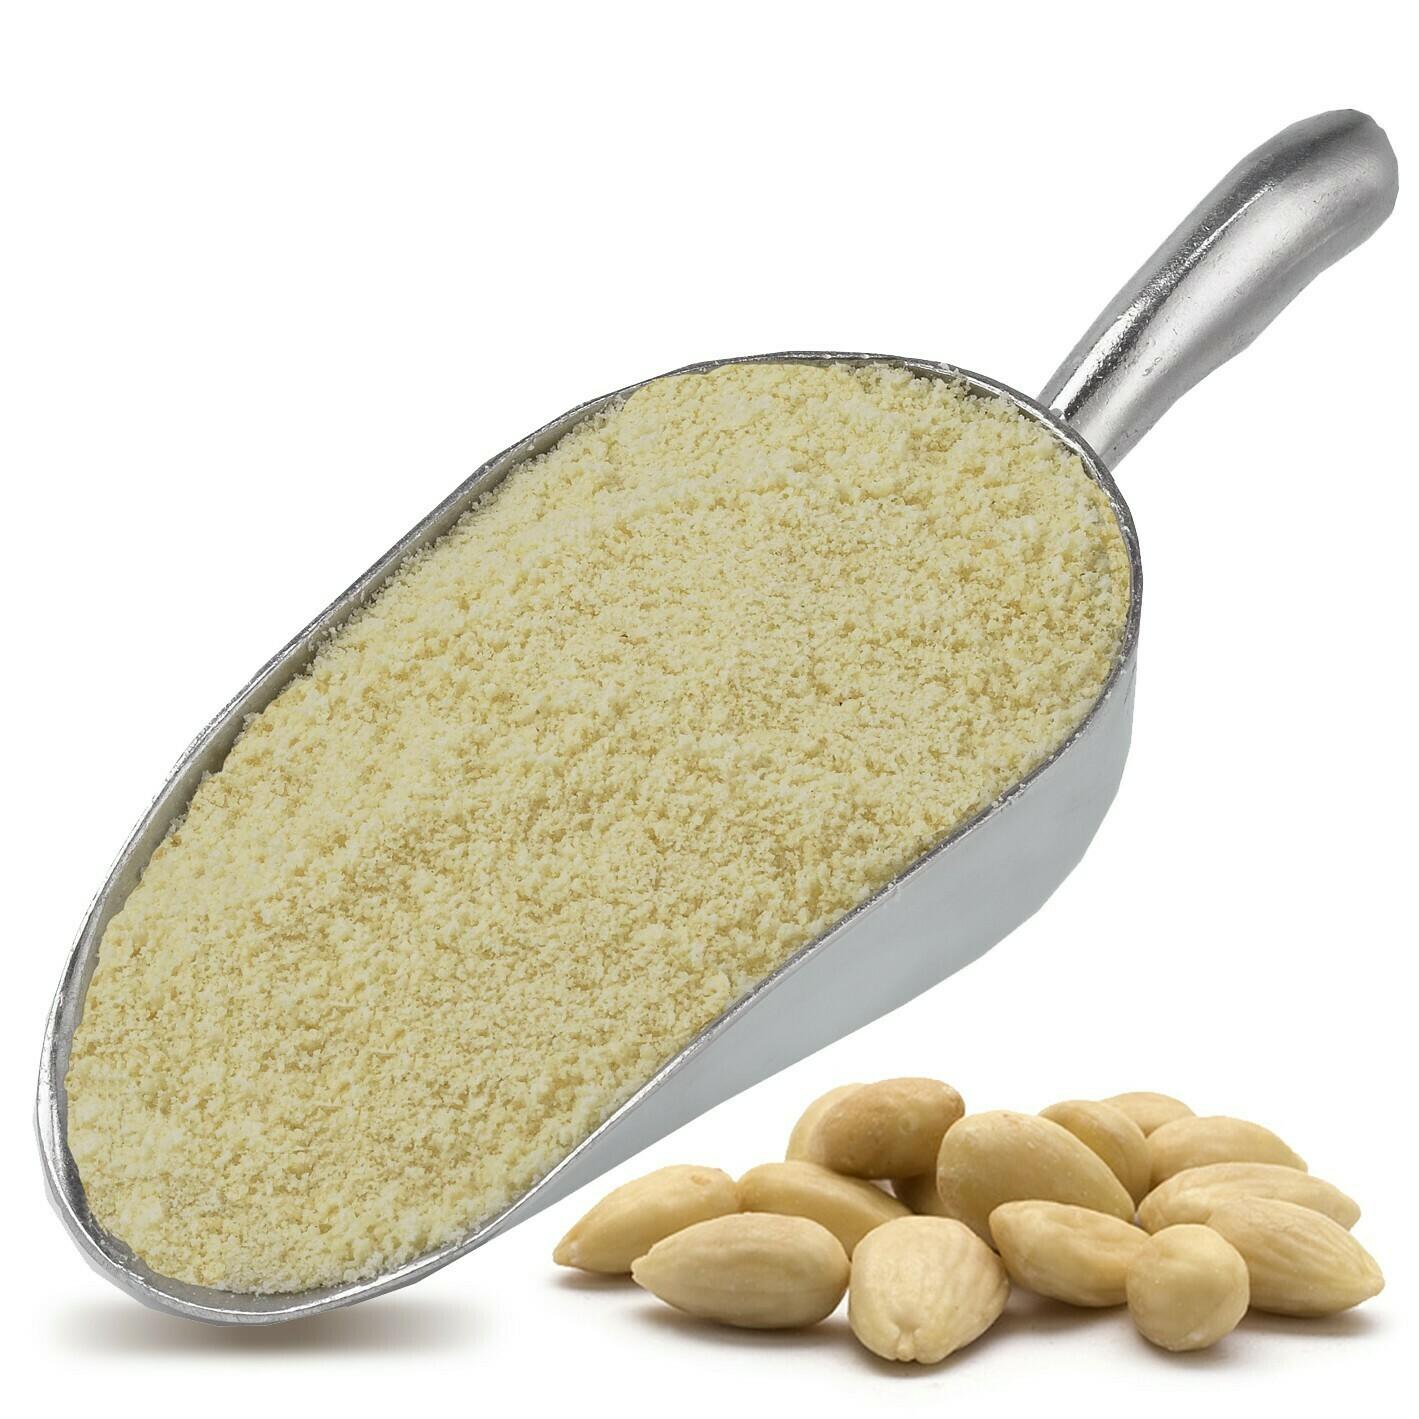 TSCS Select Premium Almond Flour 1 lb